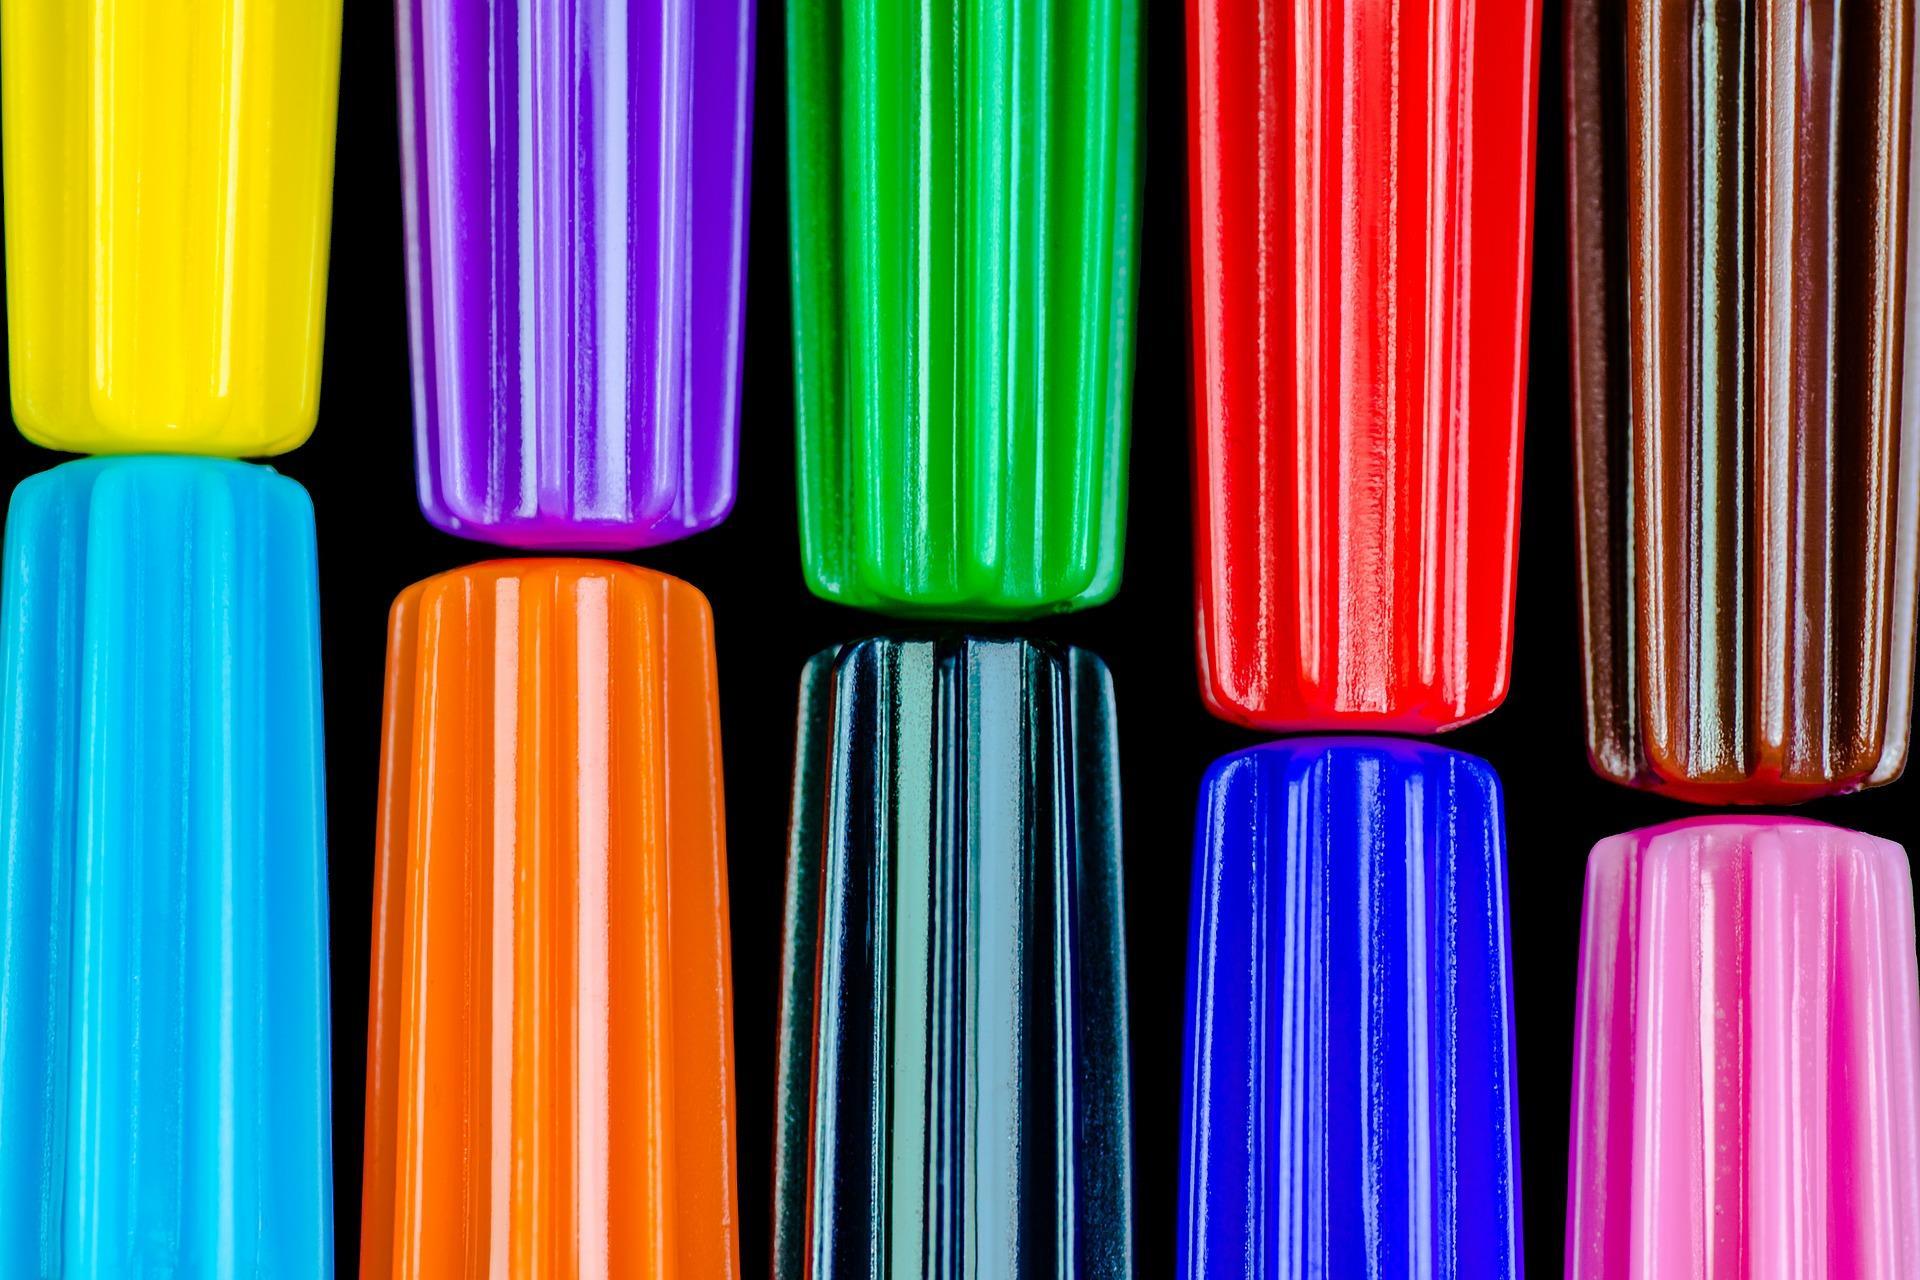 feutres-fond-ecran-gratuit-avec-toutes-les-couleurs